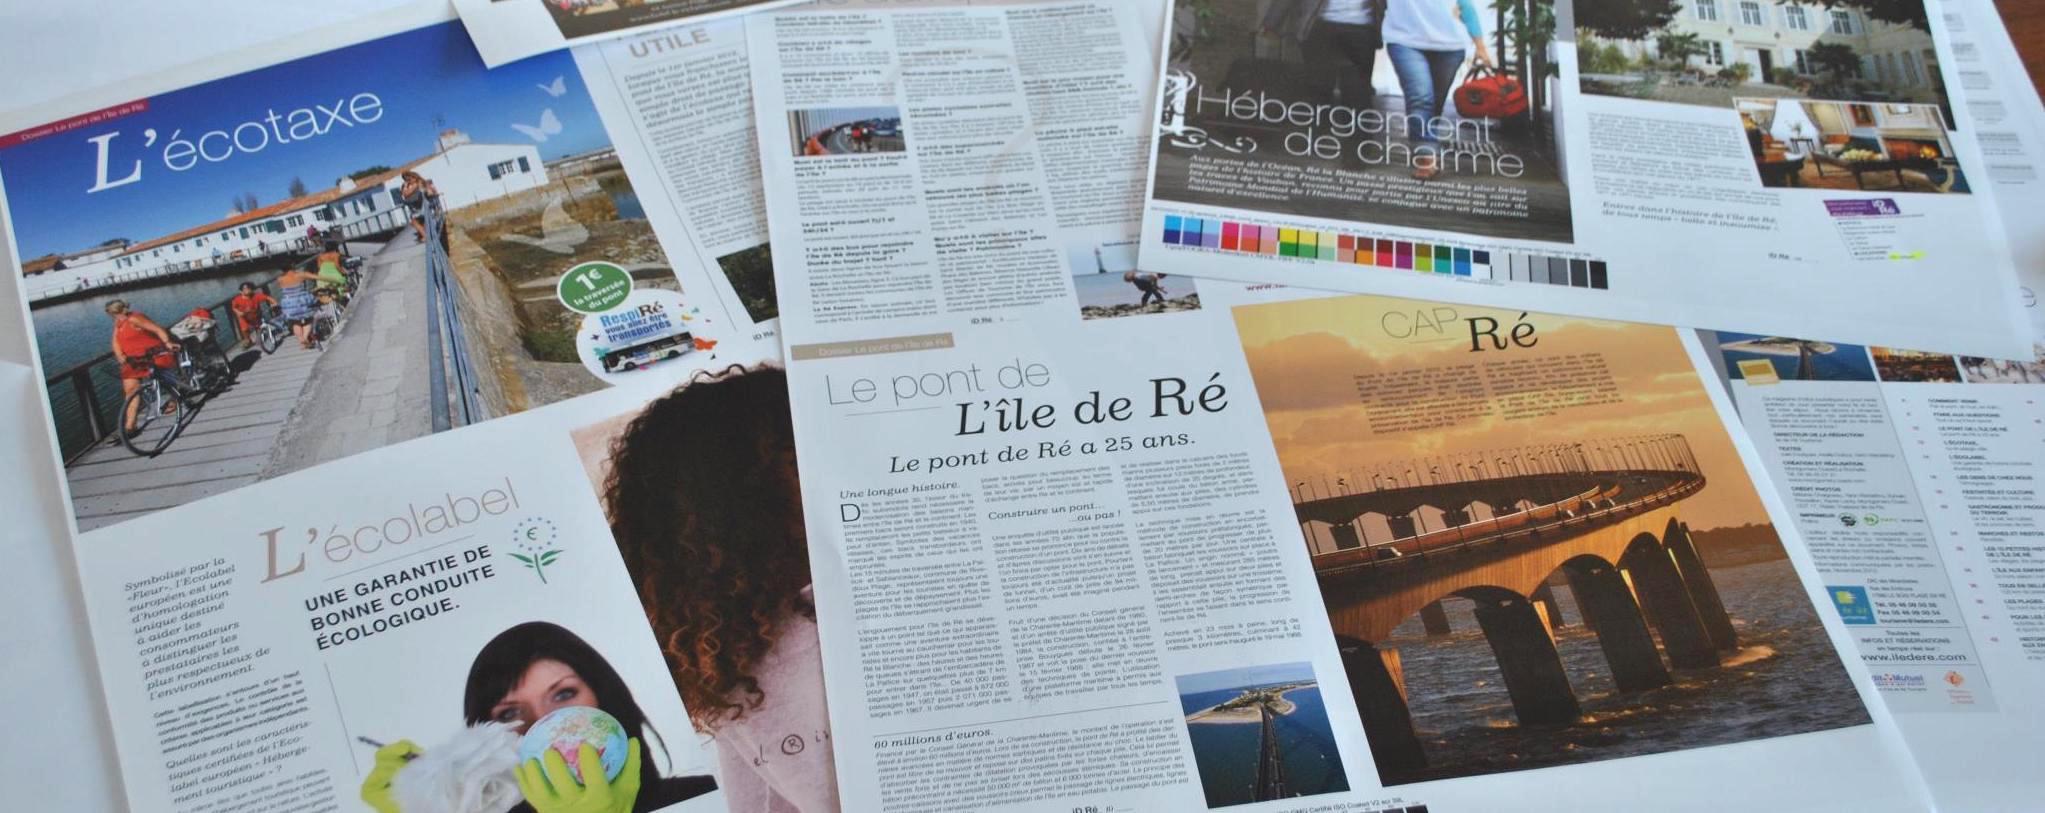 regie publicitaire et relations entreprises touristique